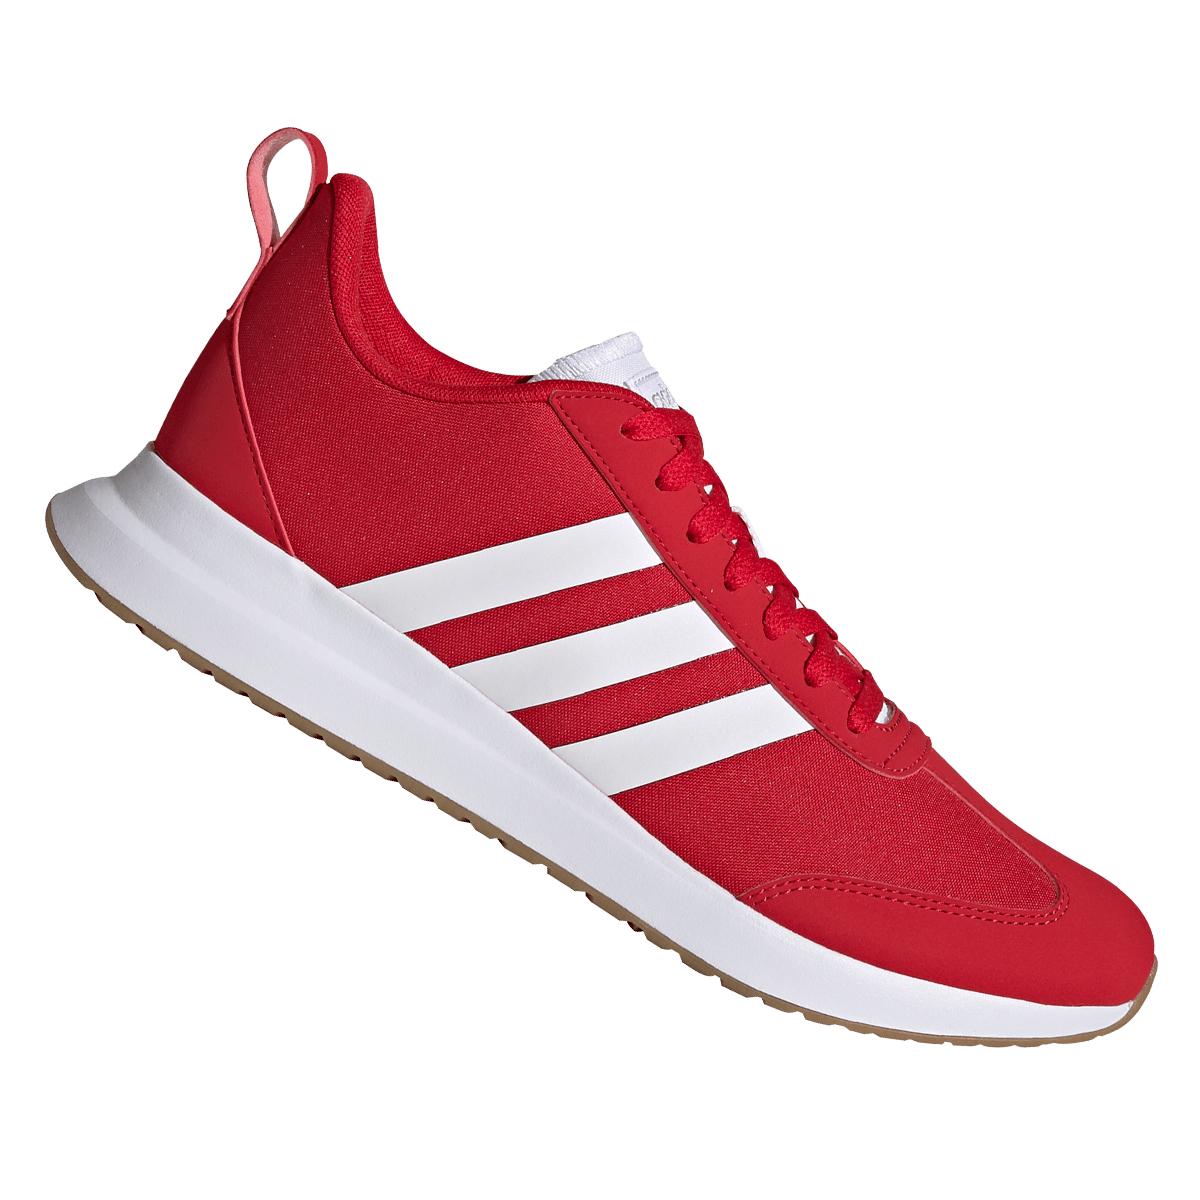 Buty Adidas Run 60s (czerwone lub granatowe) @geomix